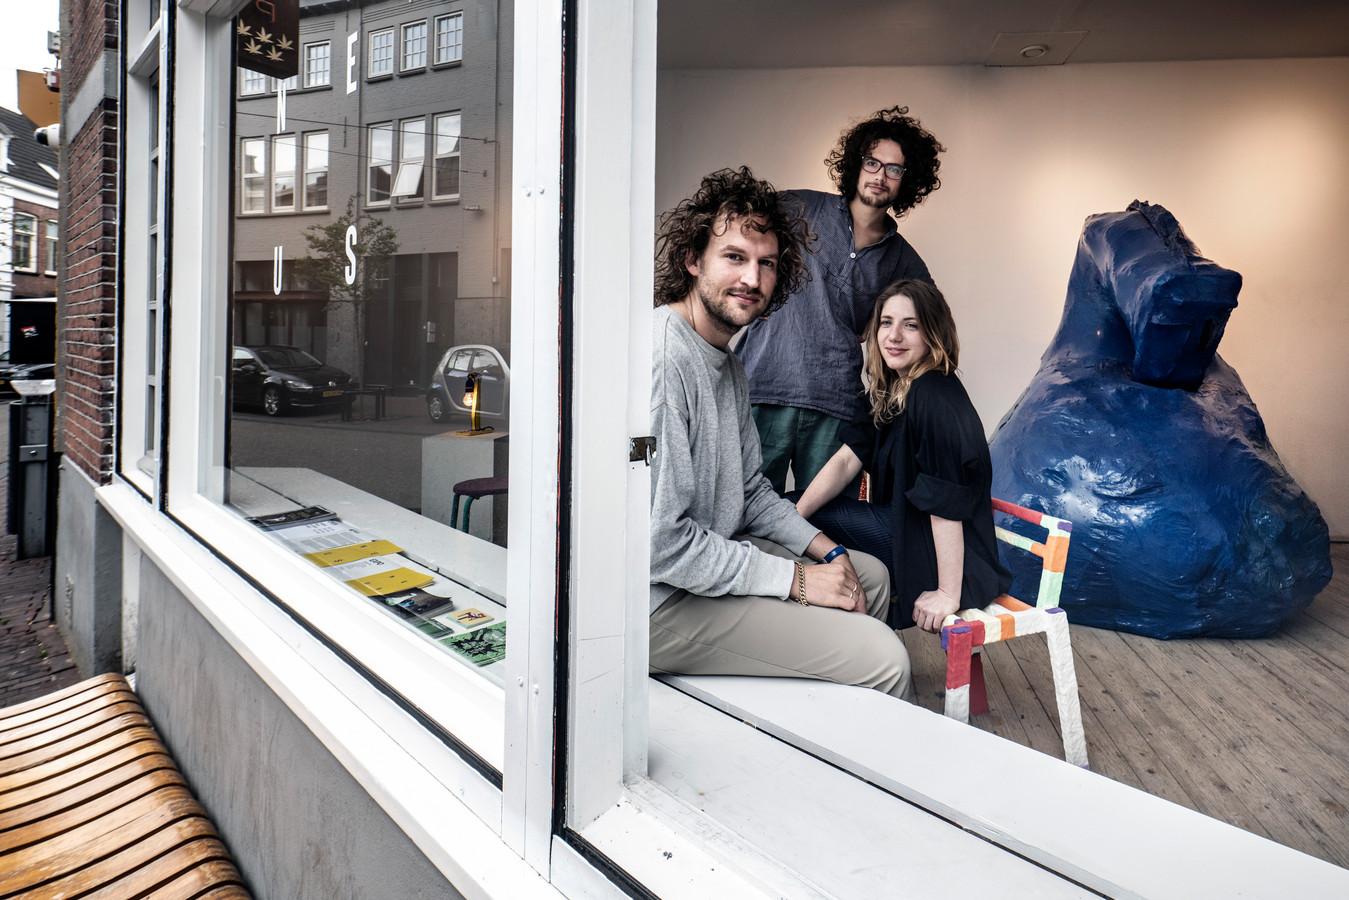 NEUS aan de Tweede Walstraat is een nieuwe ontmoetingsplek en galerie. Eigenaren Eli Walter, Jan Morales en Sophie Roumans hebben de plek eigenhandig opgebouwd binnen drie maanden.